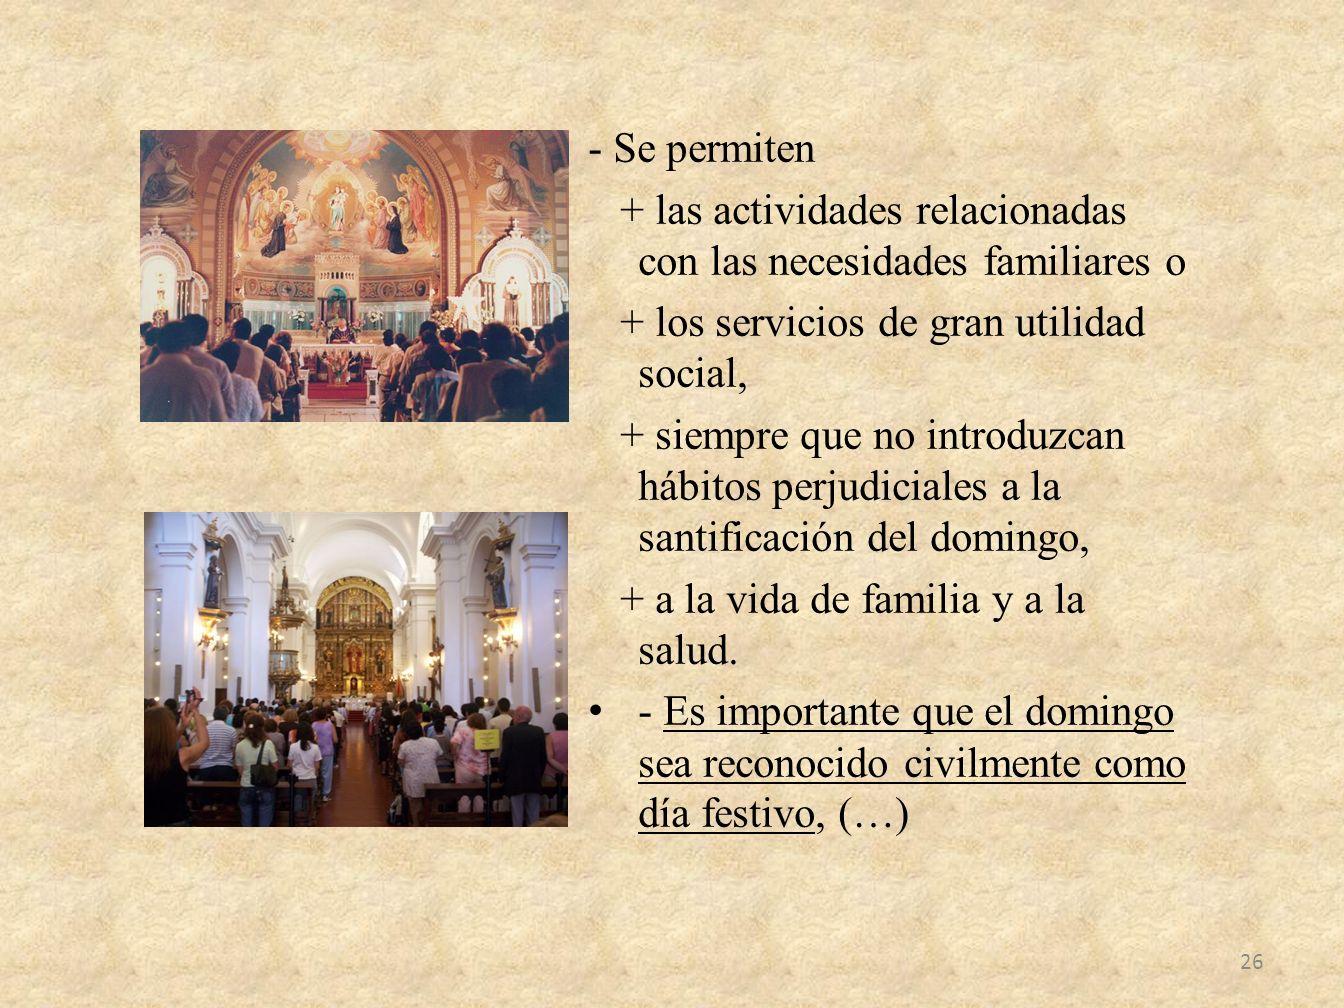 - Se permiten + las actividades relacionadas con las necesidades familiares o. + los servicios de gran utilidad social,